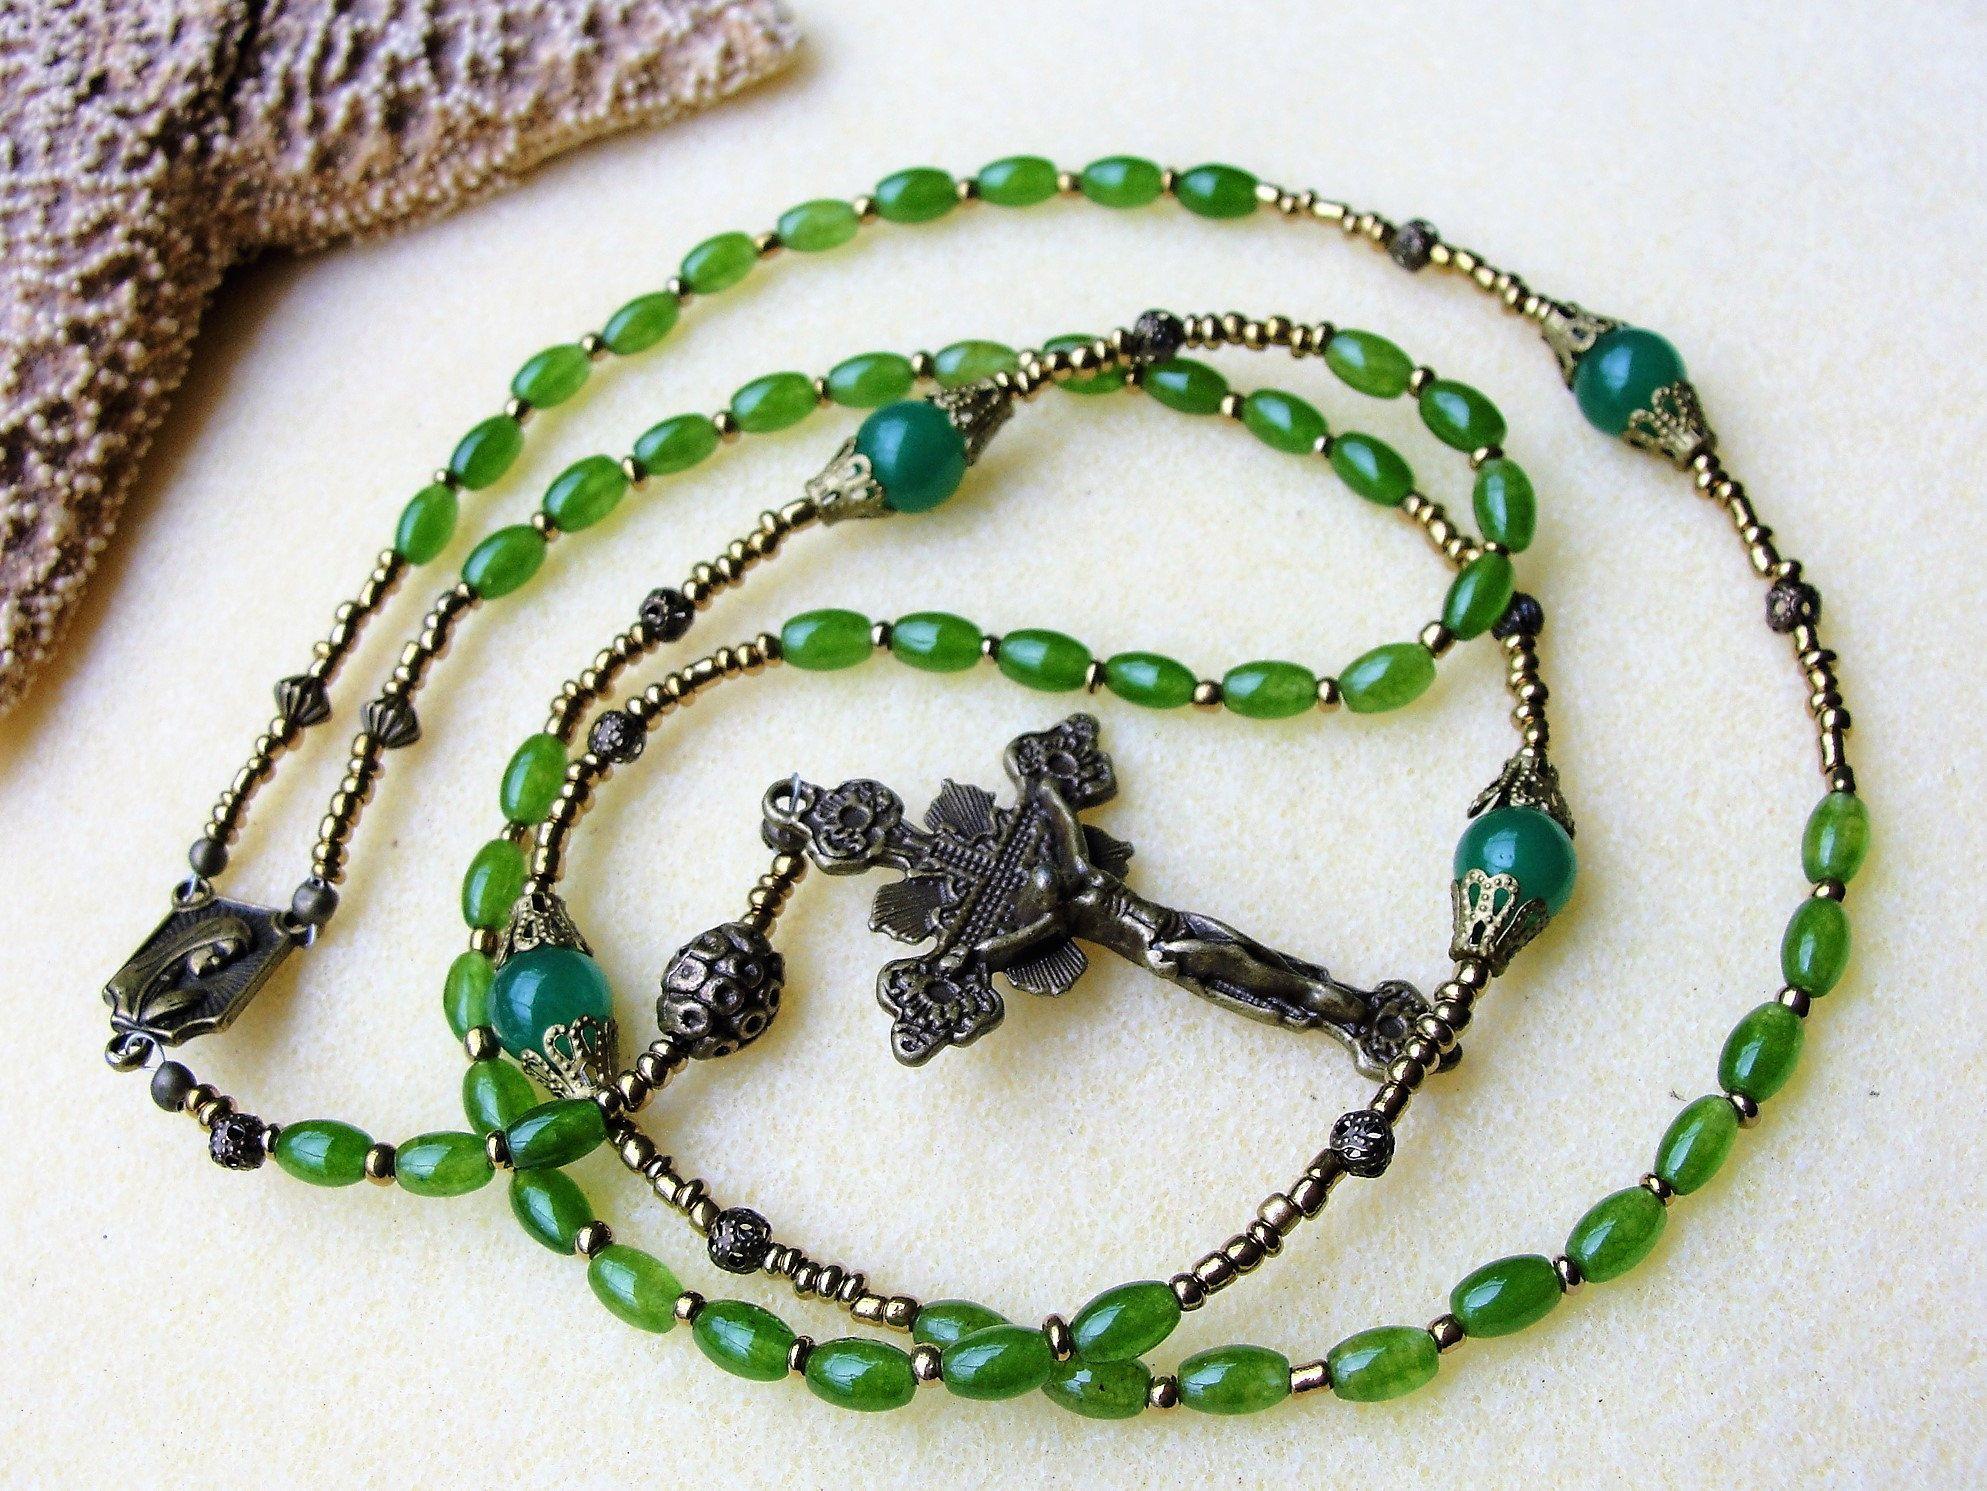 Rosary beadsrosarycatholic rosarybaptism giftcommunion giftmens